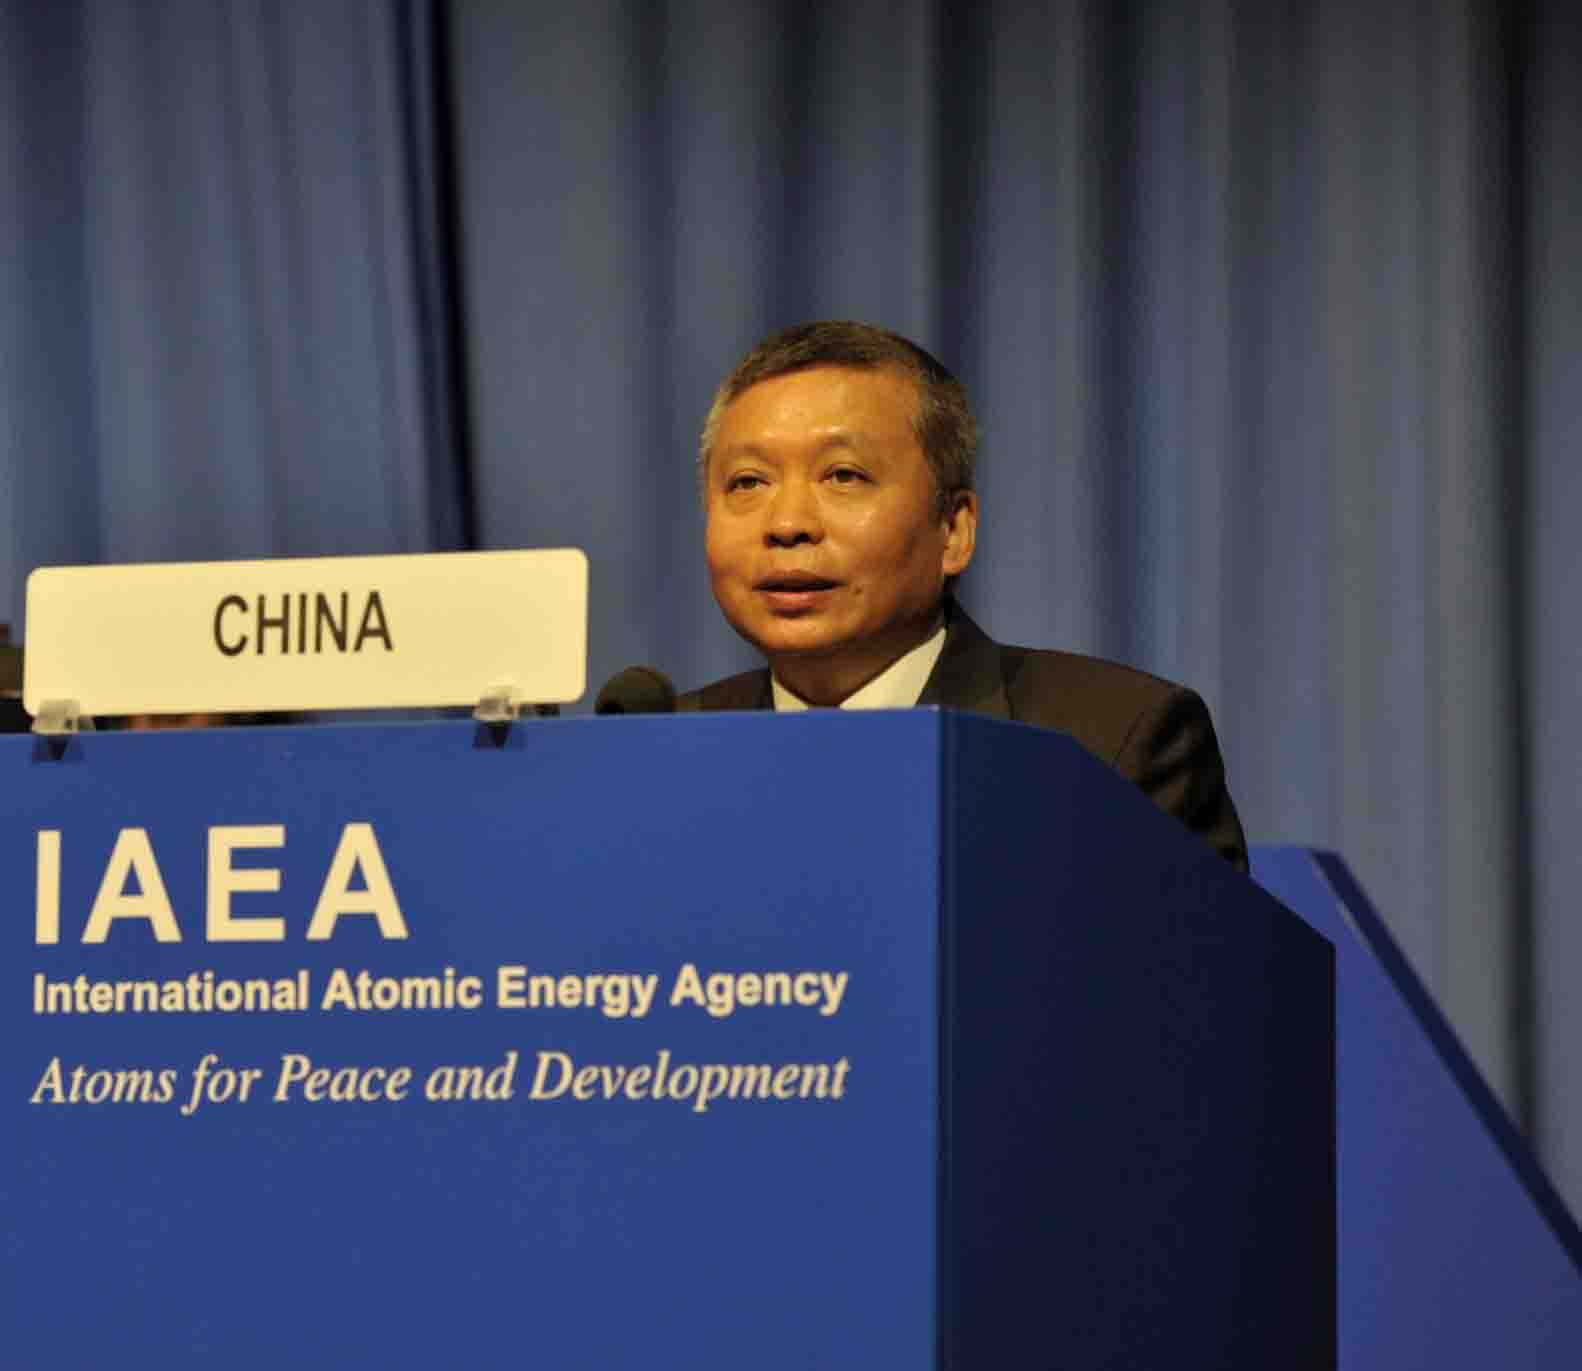 张克俭率团出席国际原子能机构第62届大会